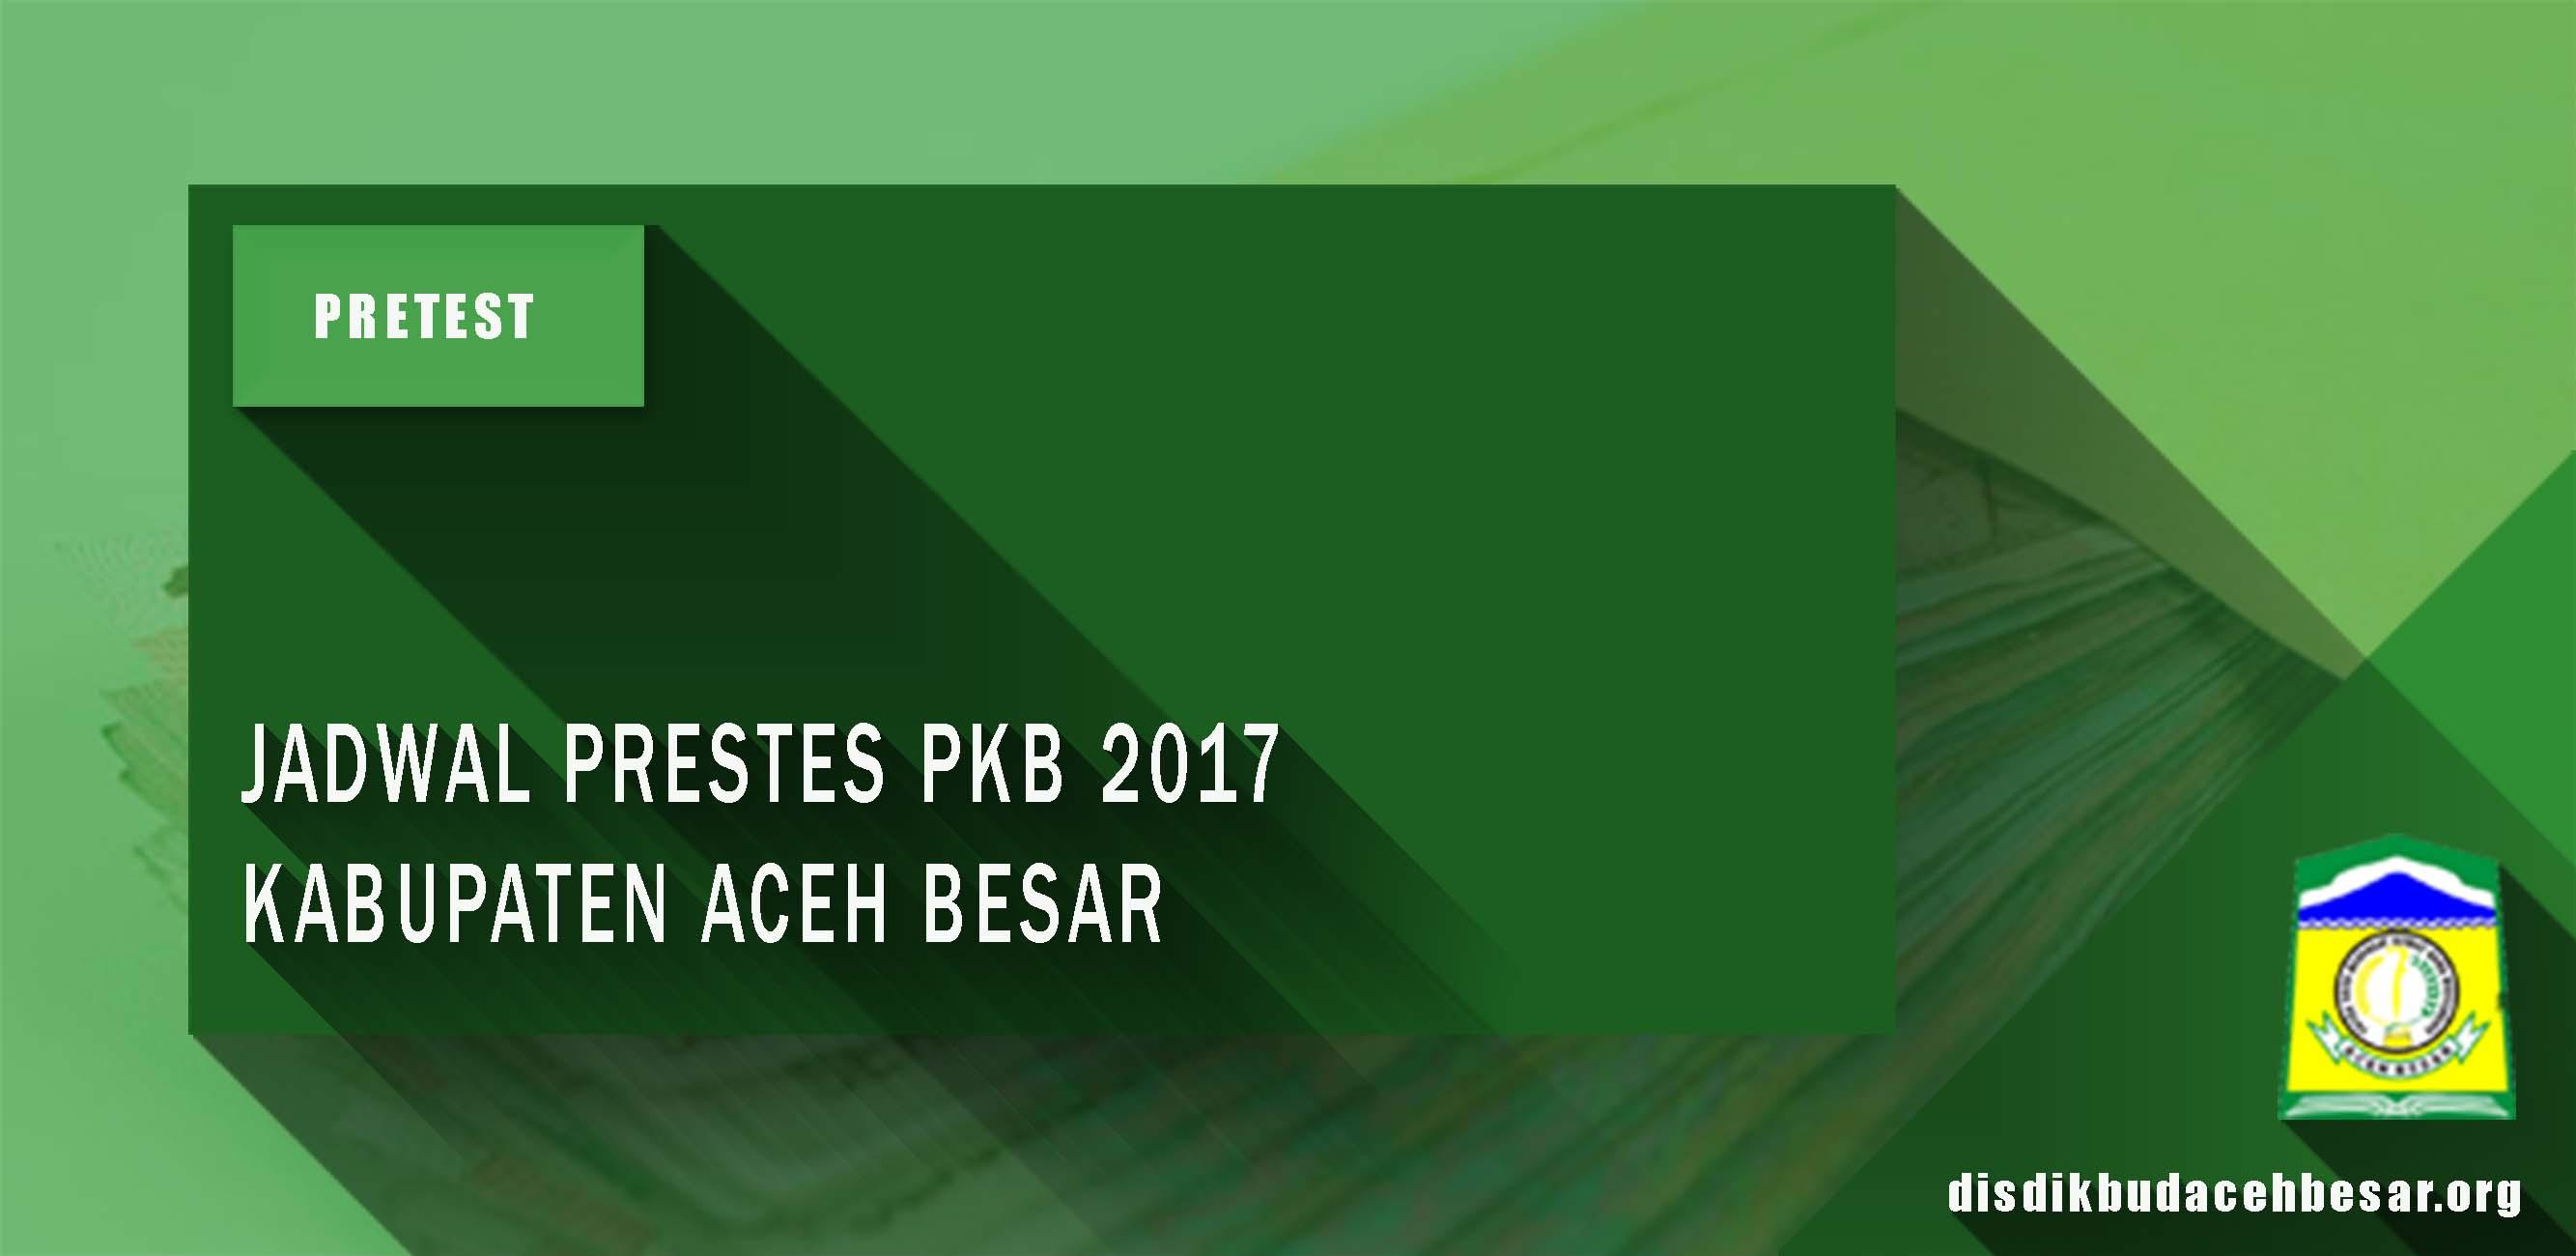 JADWAL PRETES PKB 2017 KABUPATEN ACEH BESAR